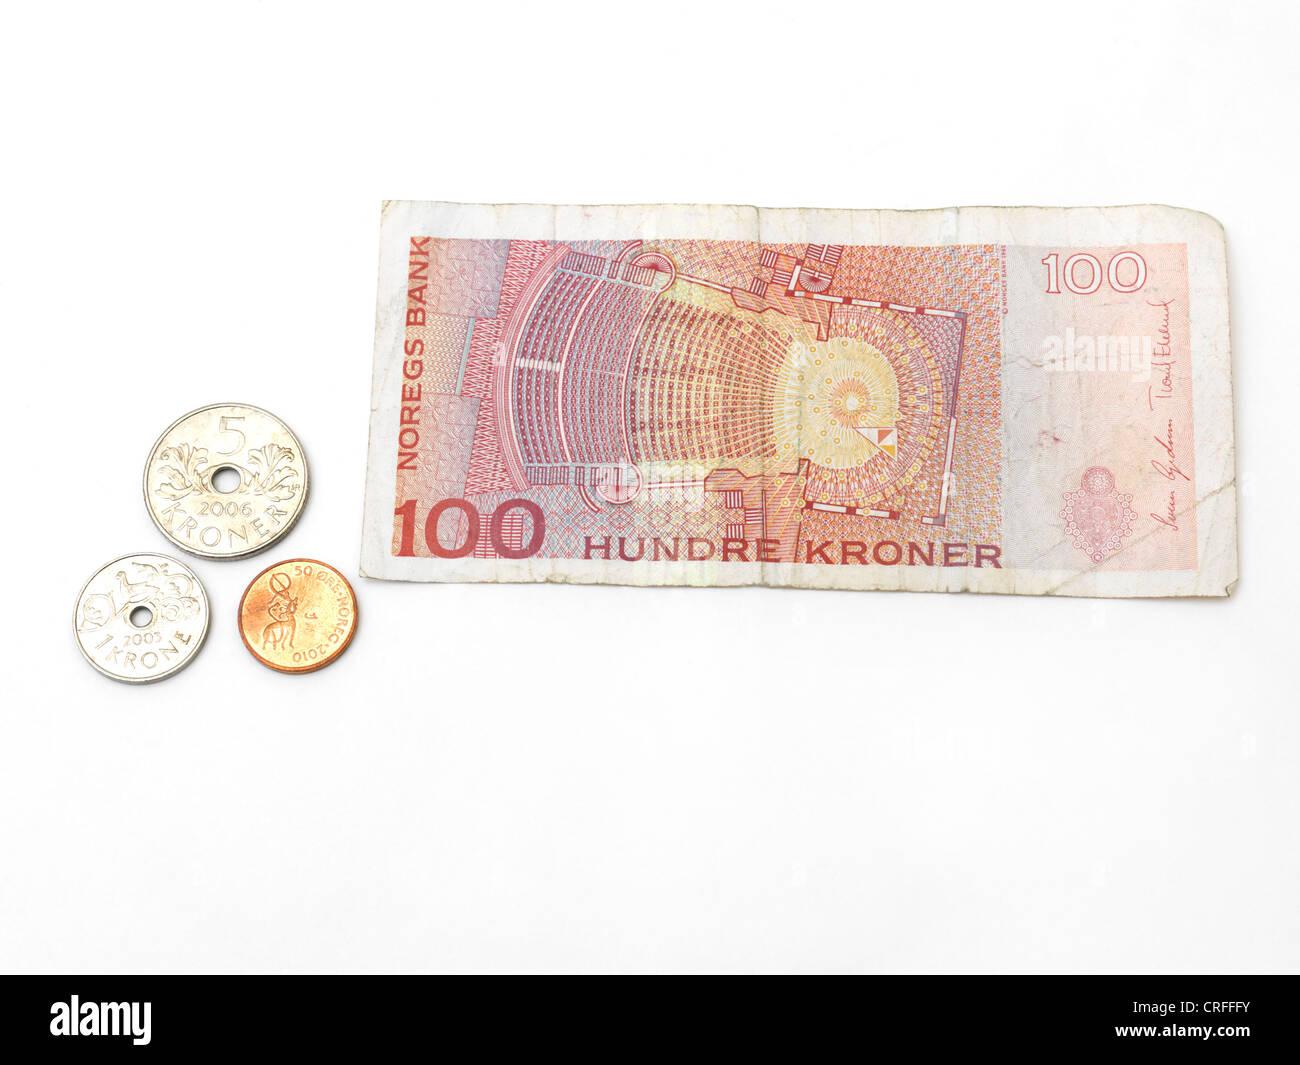 Norwegische Kronen Banknoten Und Münzen Erz 1 Krone 5 Krone Und